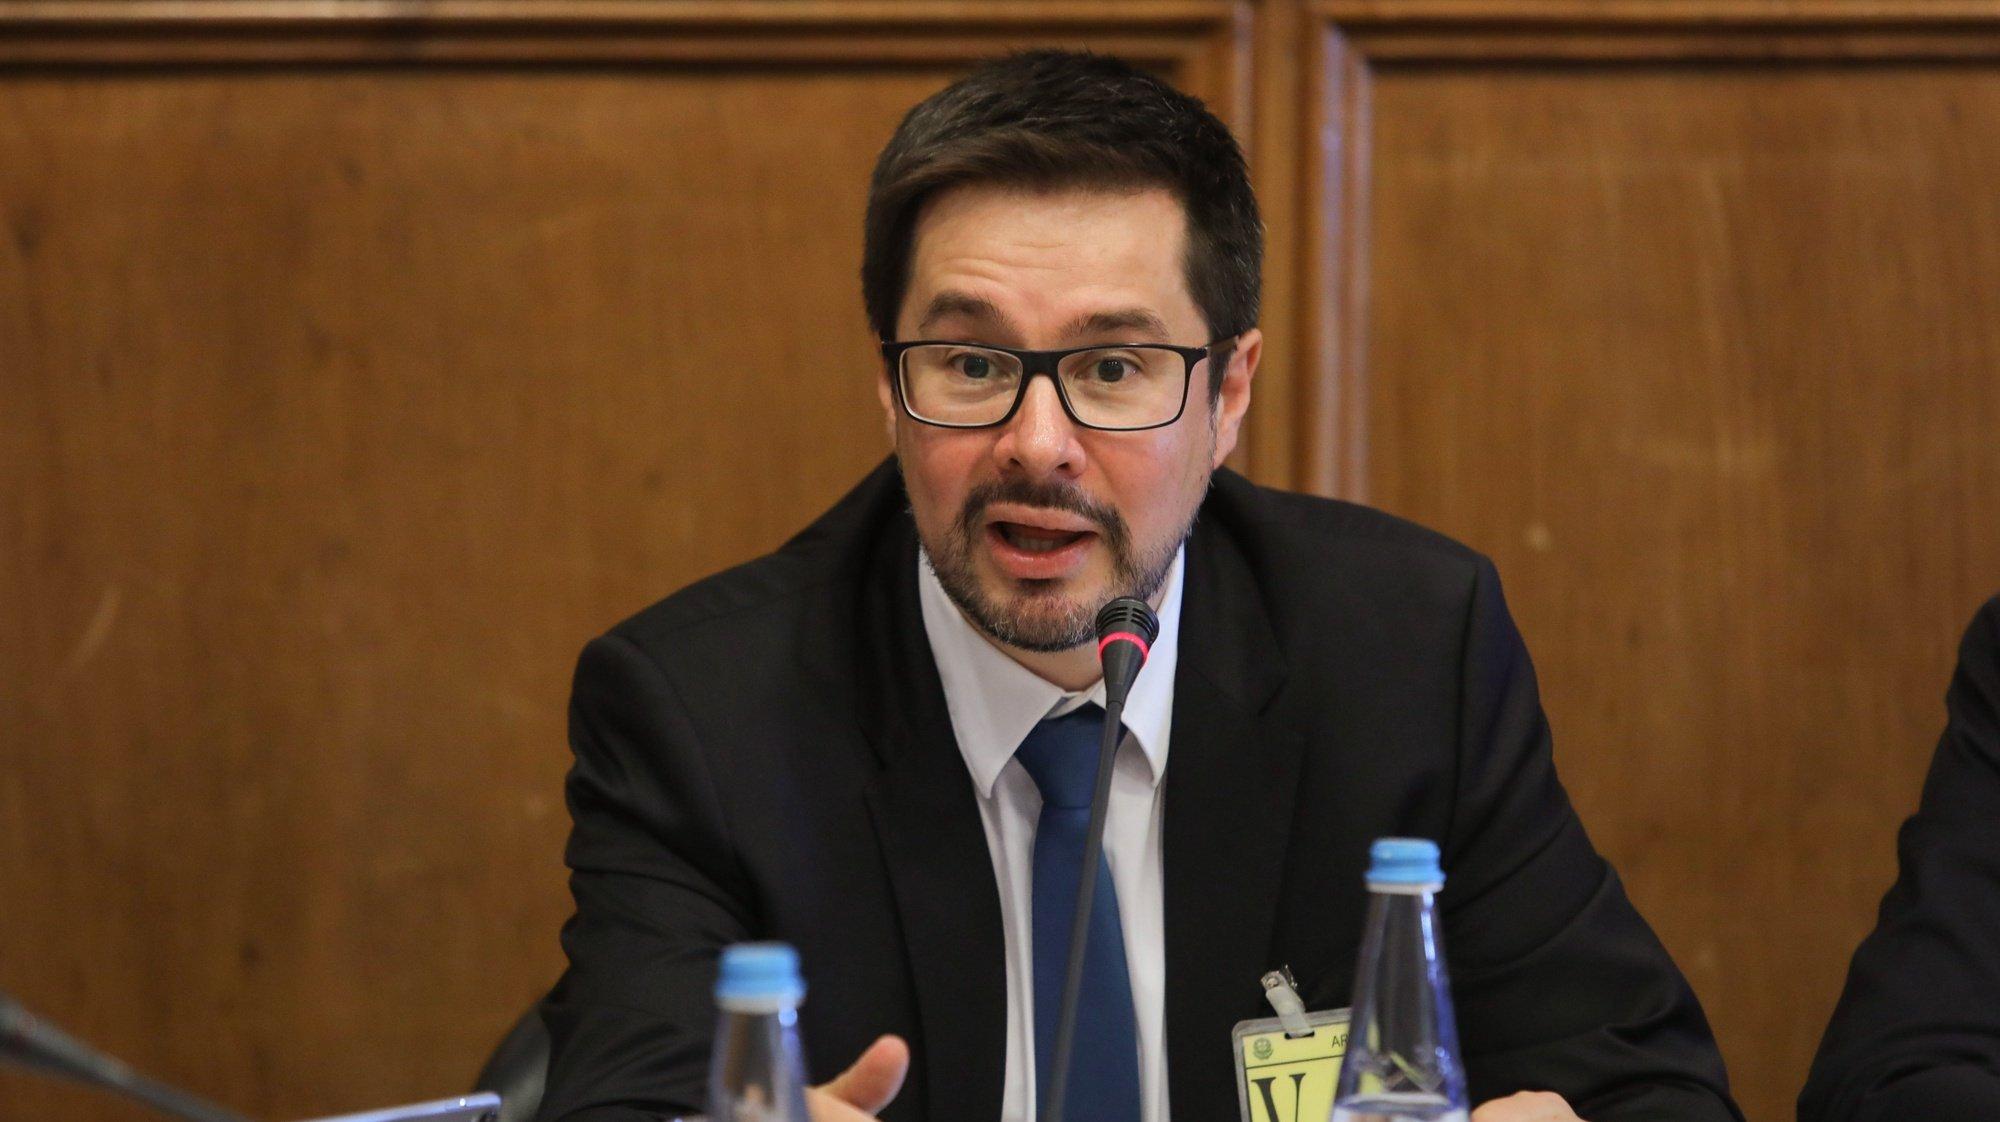 O administrador da ANA - Aeroportos de Portugal, Thierry Ligonniere, fala durante a sua audição perante a Comissão de Economia, Inovação e Obras Públicas, na Assembleia da República, em Lisboa, 26 de setembro de 2018. MIGUEL A. LOPES/LUSA